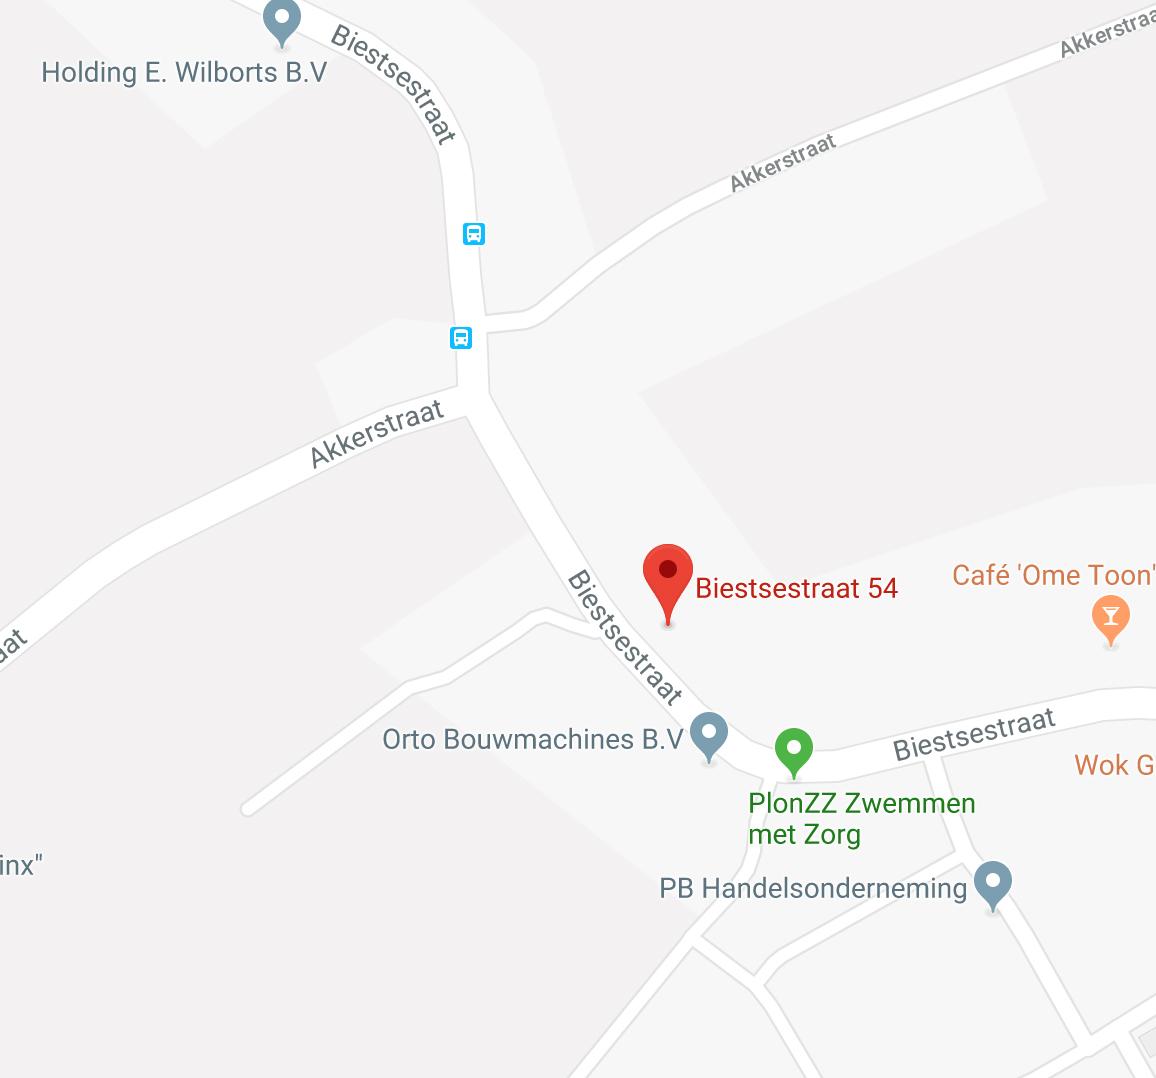 https://www.koelservicebiggelaar.nl/wp-content/uploads/2019/04/contact_koelservicebiggelaar.jpg